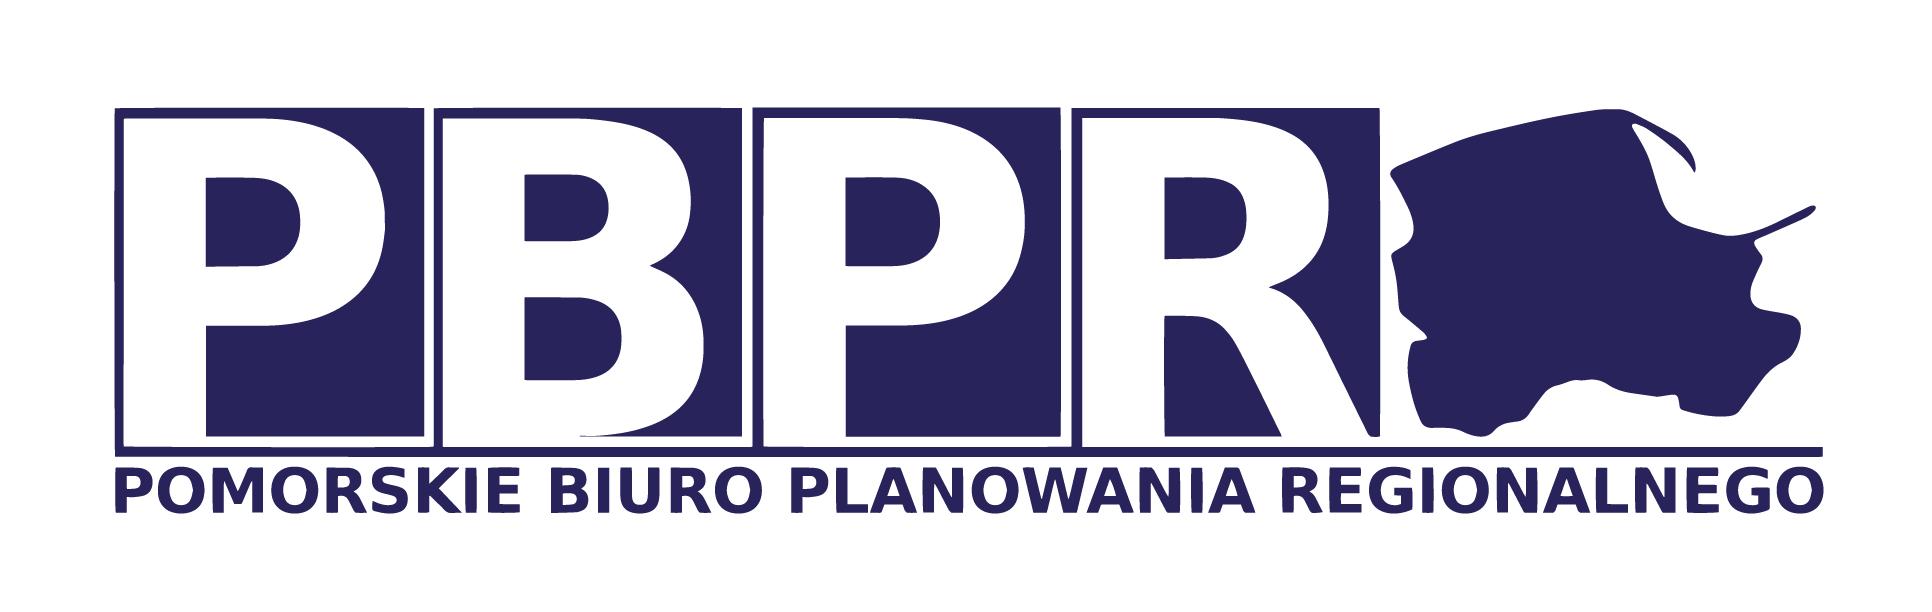 Logo Pomorskiego Biura Planowania Regionalnego